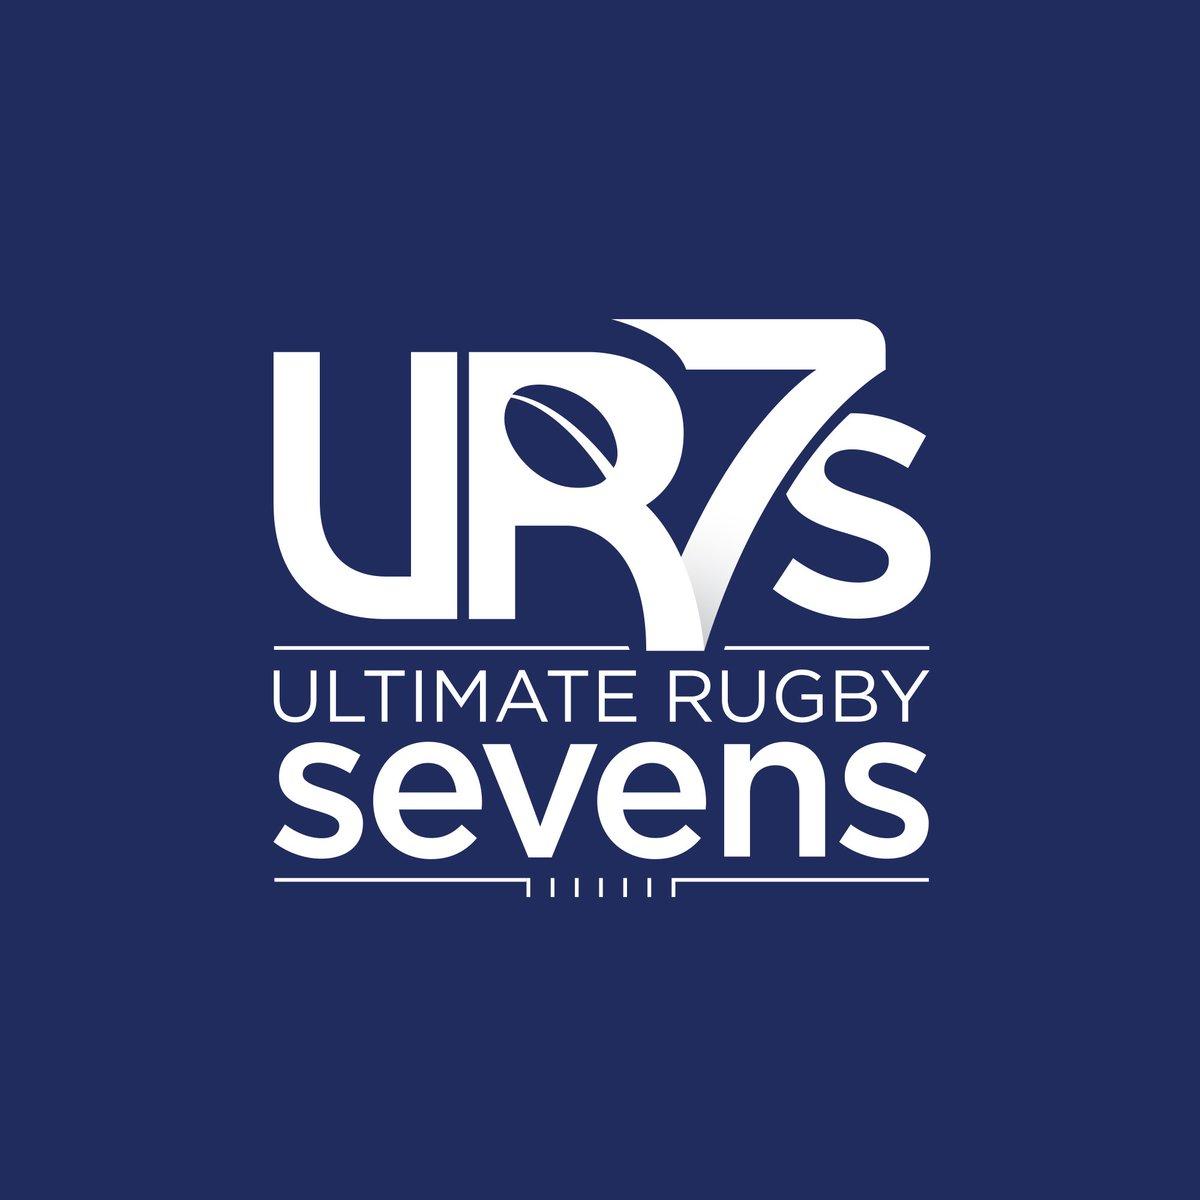 UR7s on Twitter: